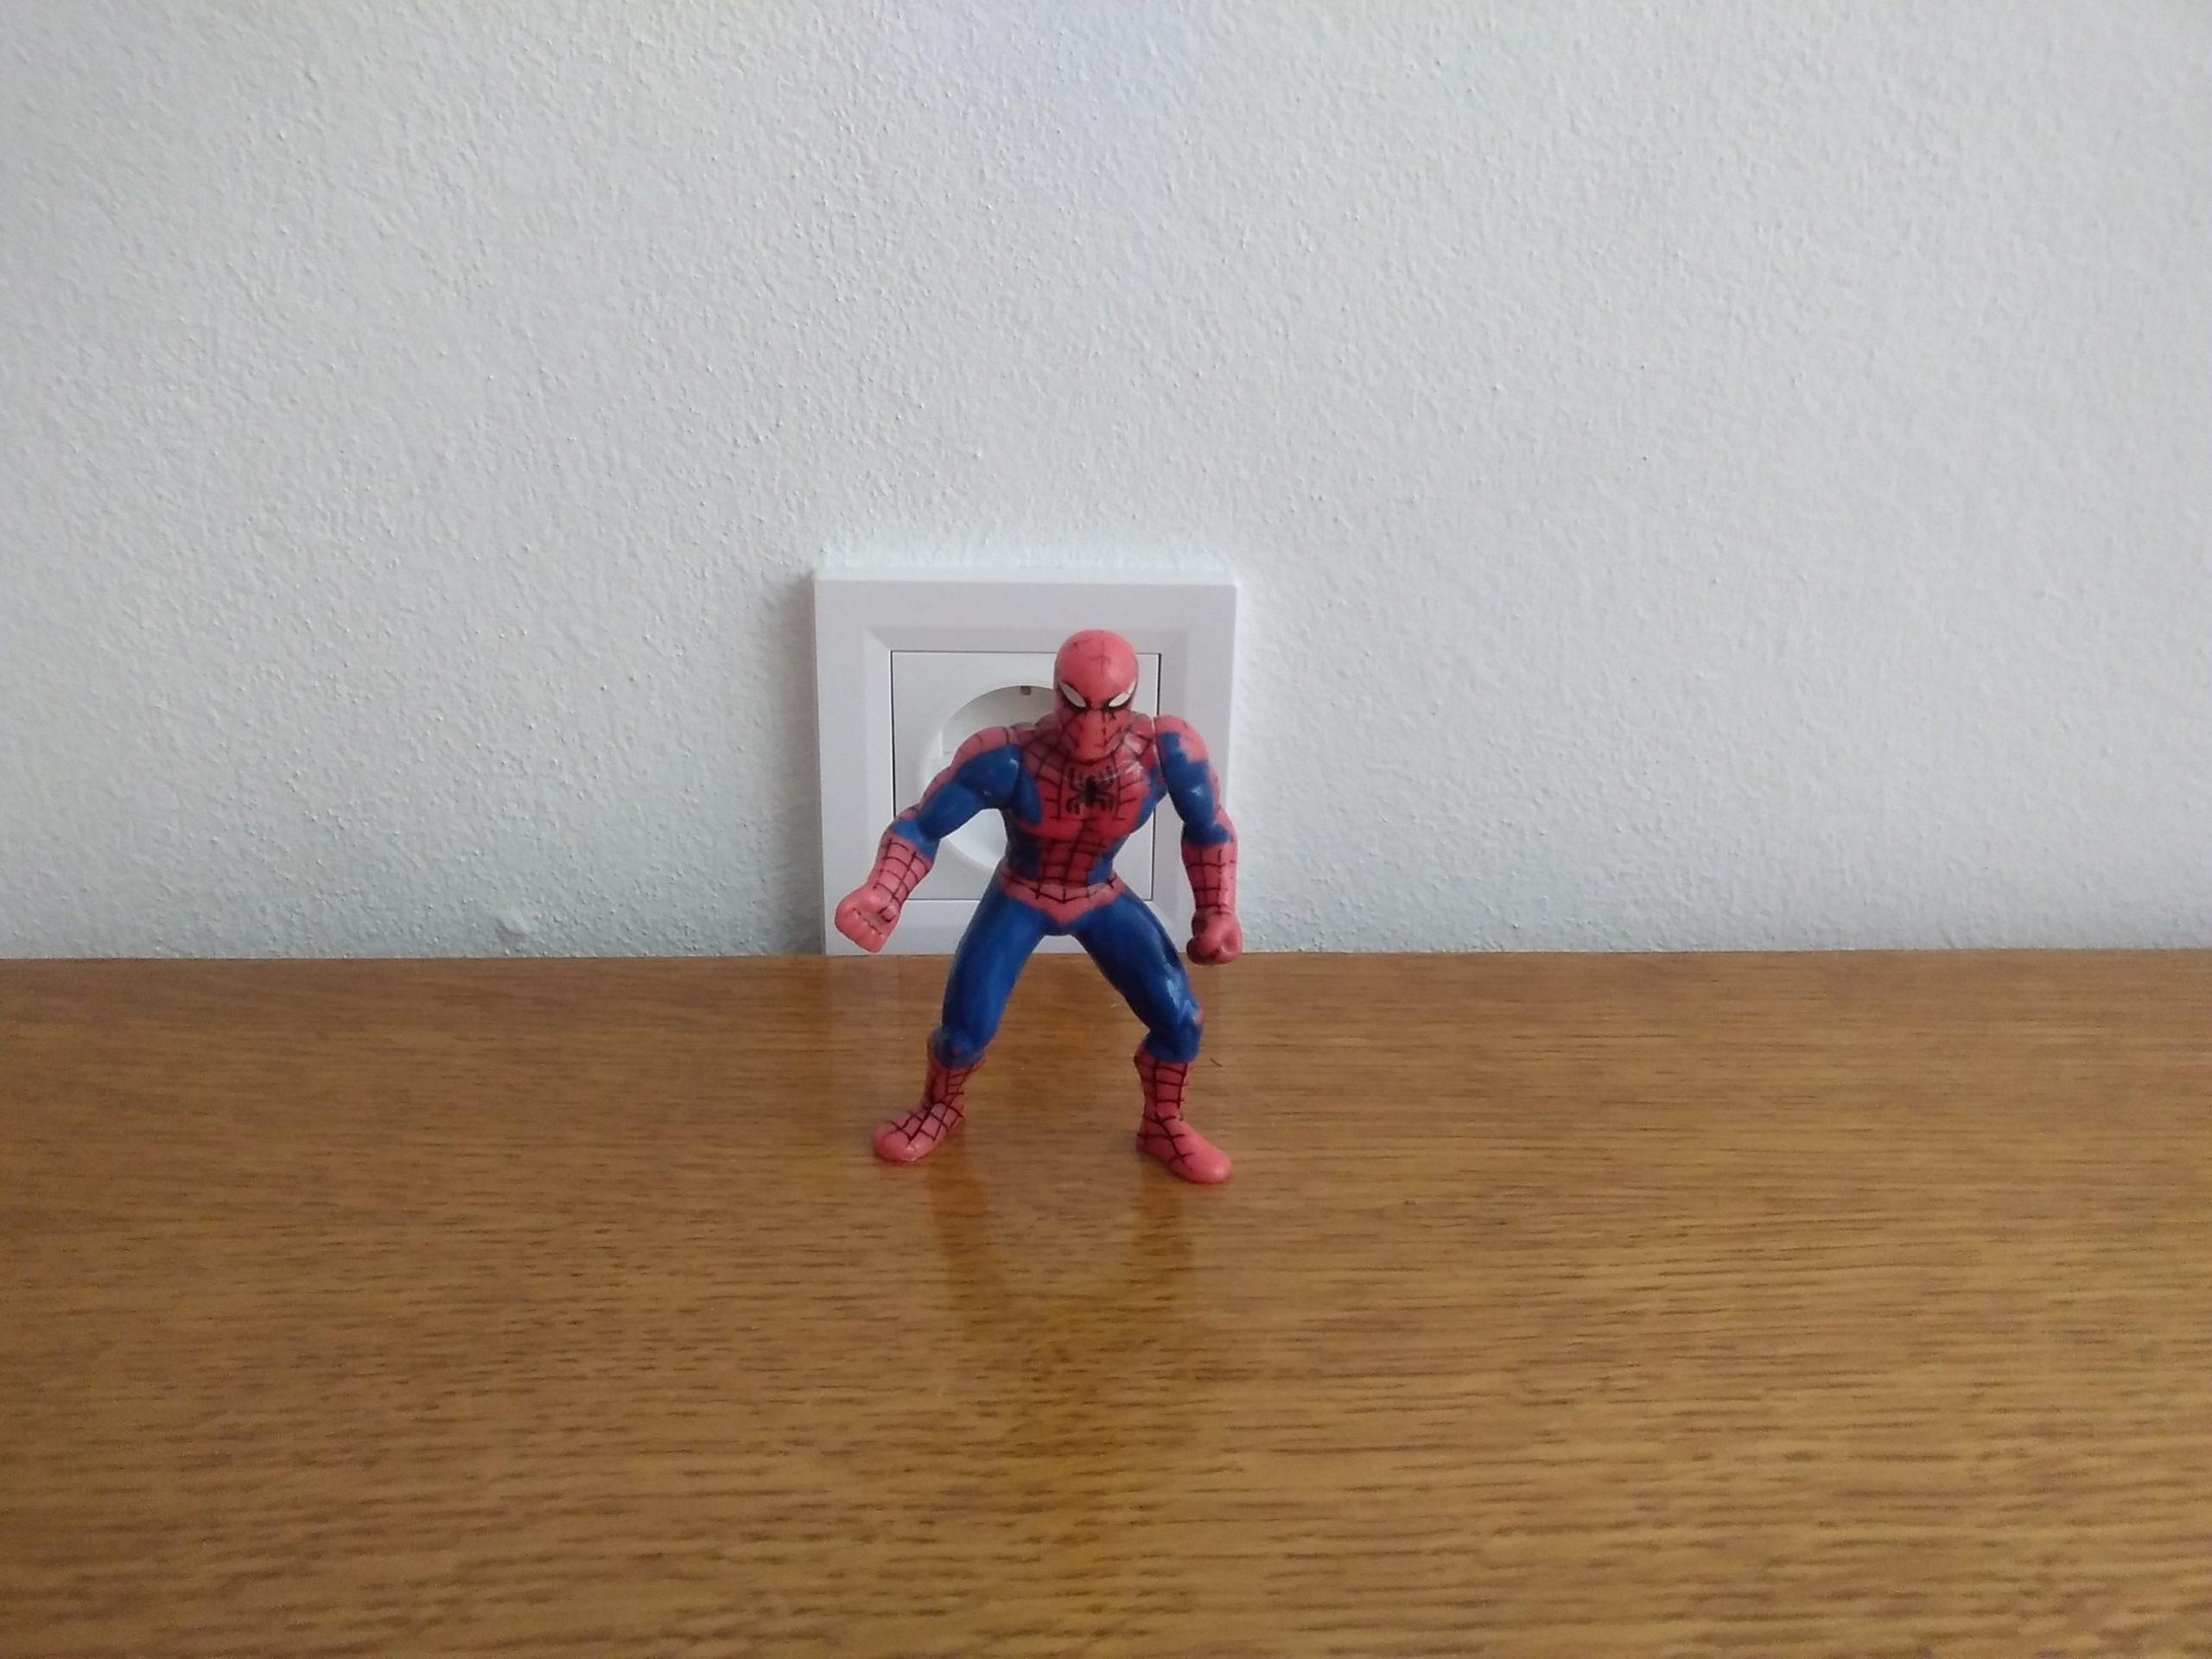 Înmulțirea cu cifre pana in 10 împreună cu Spiderman